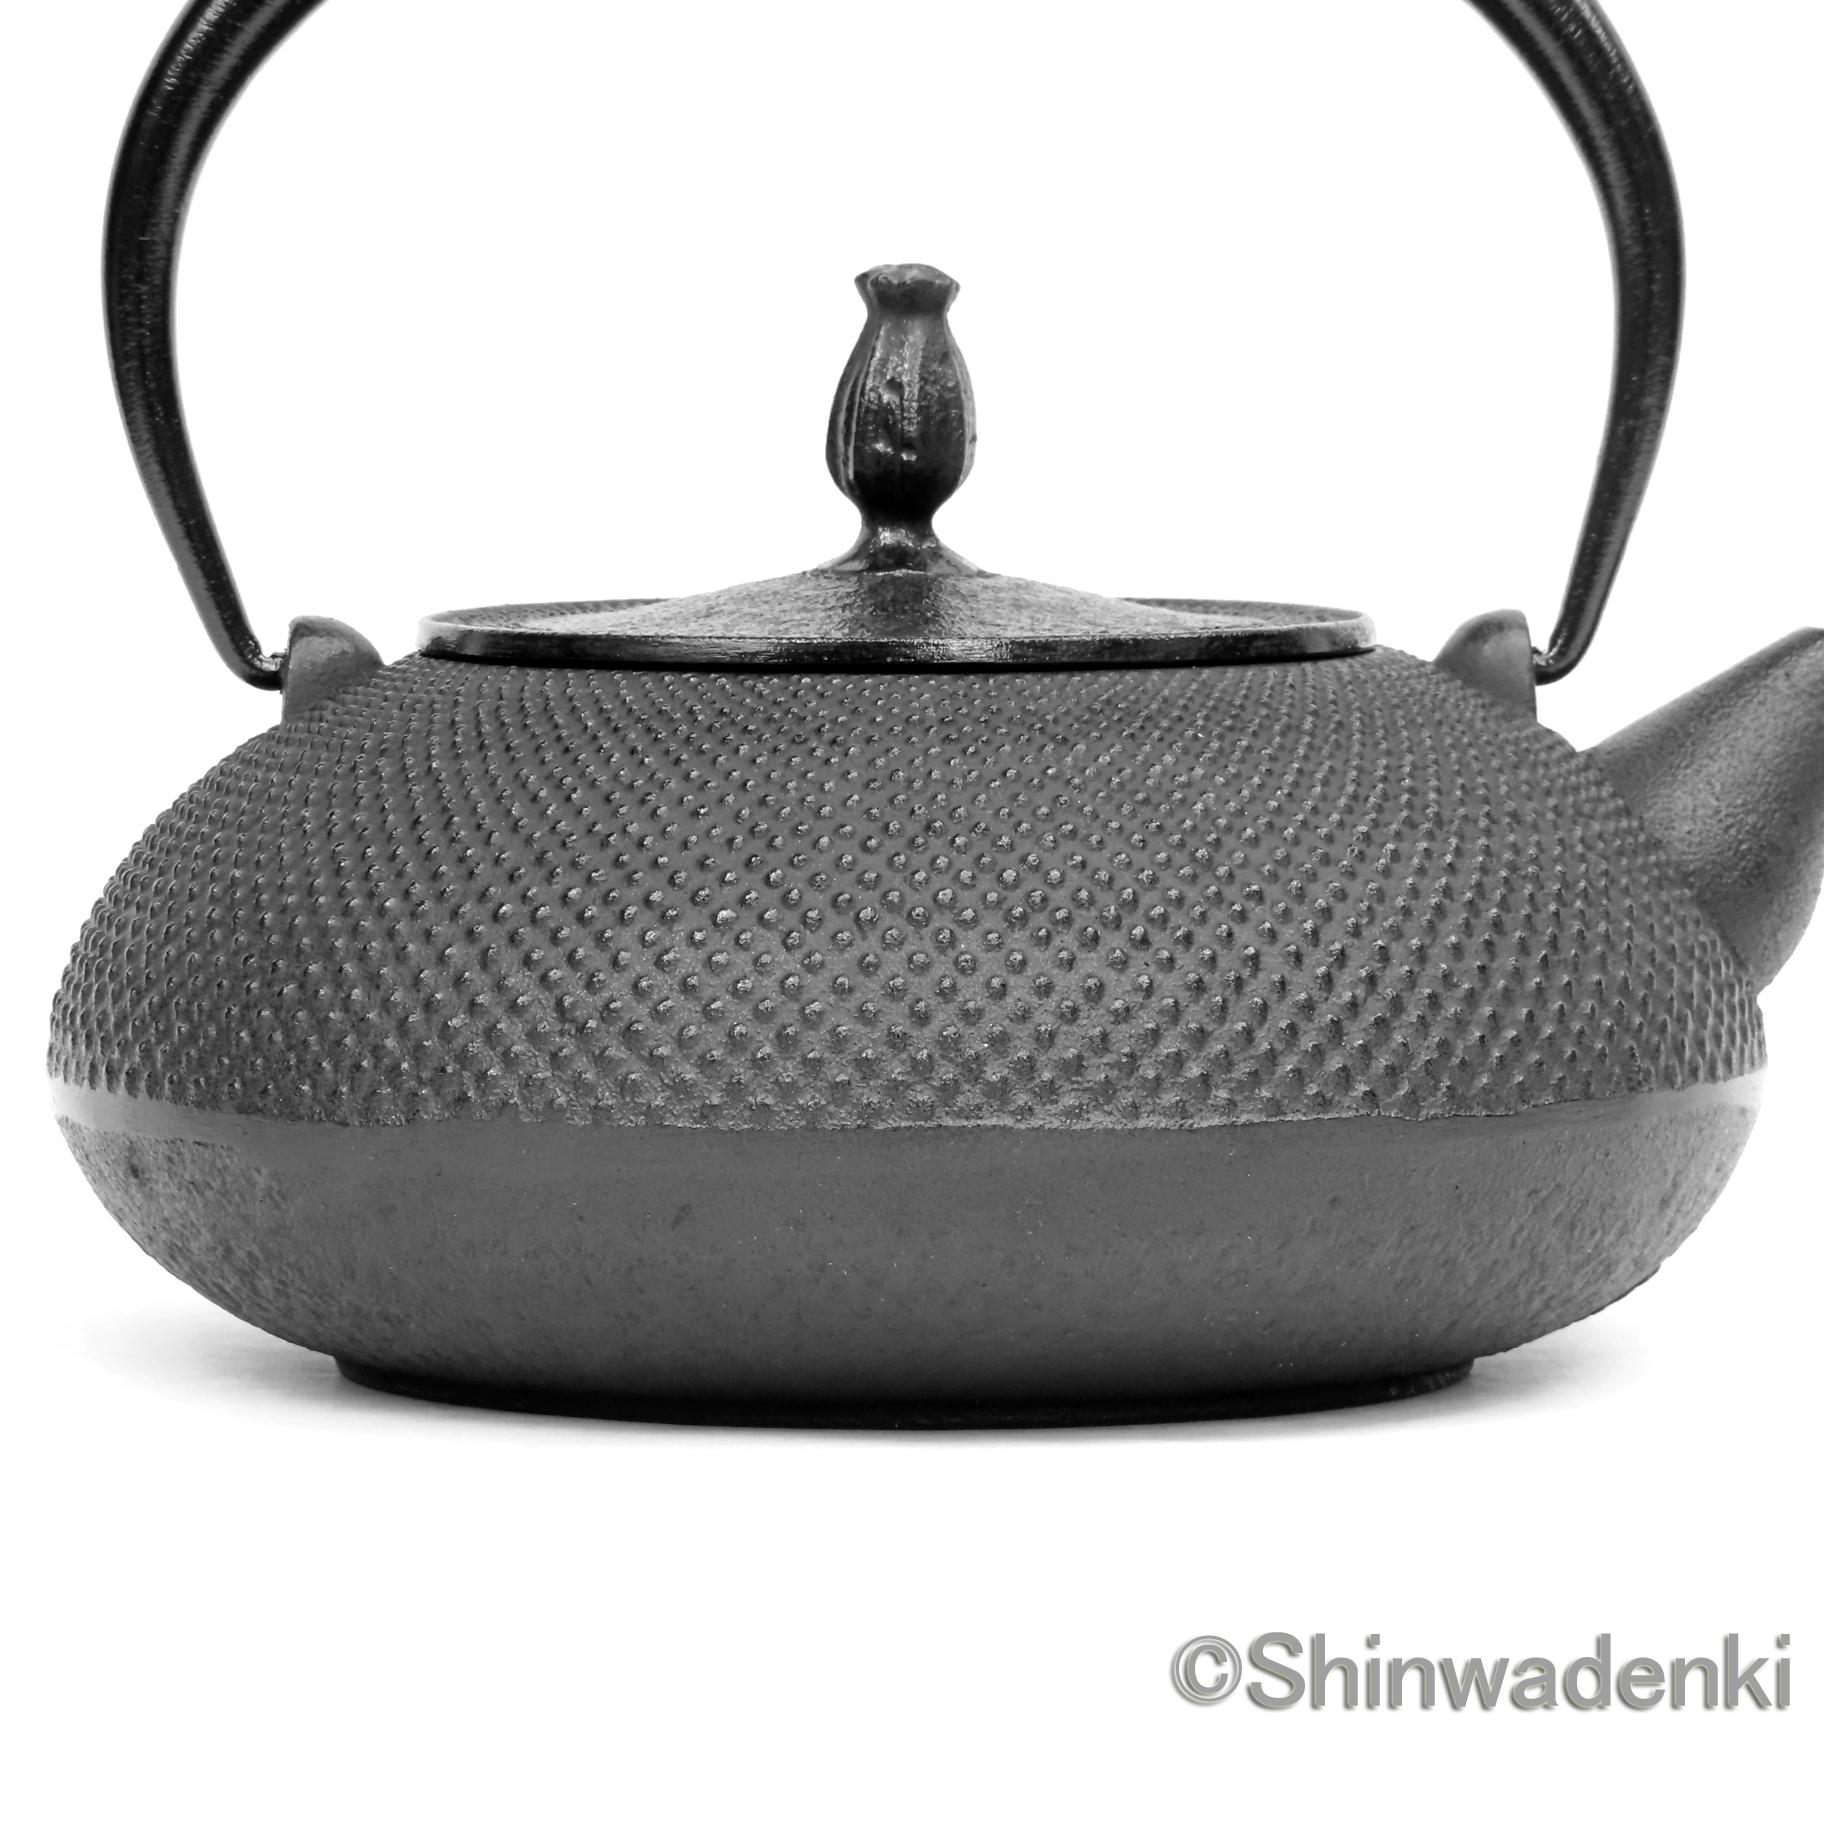 南部鉄器 鉄瓶 平丸アラレ(鉄蓋)黒